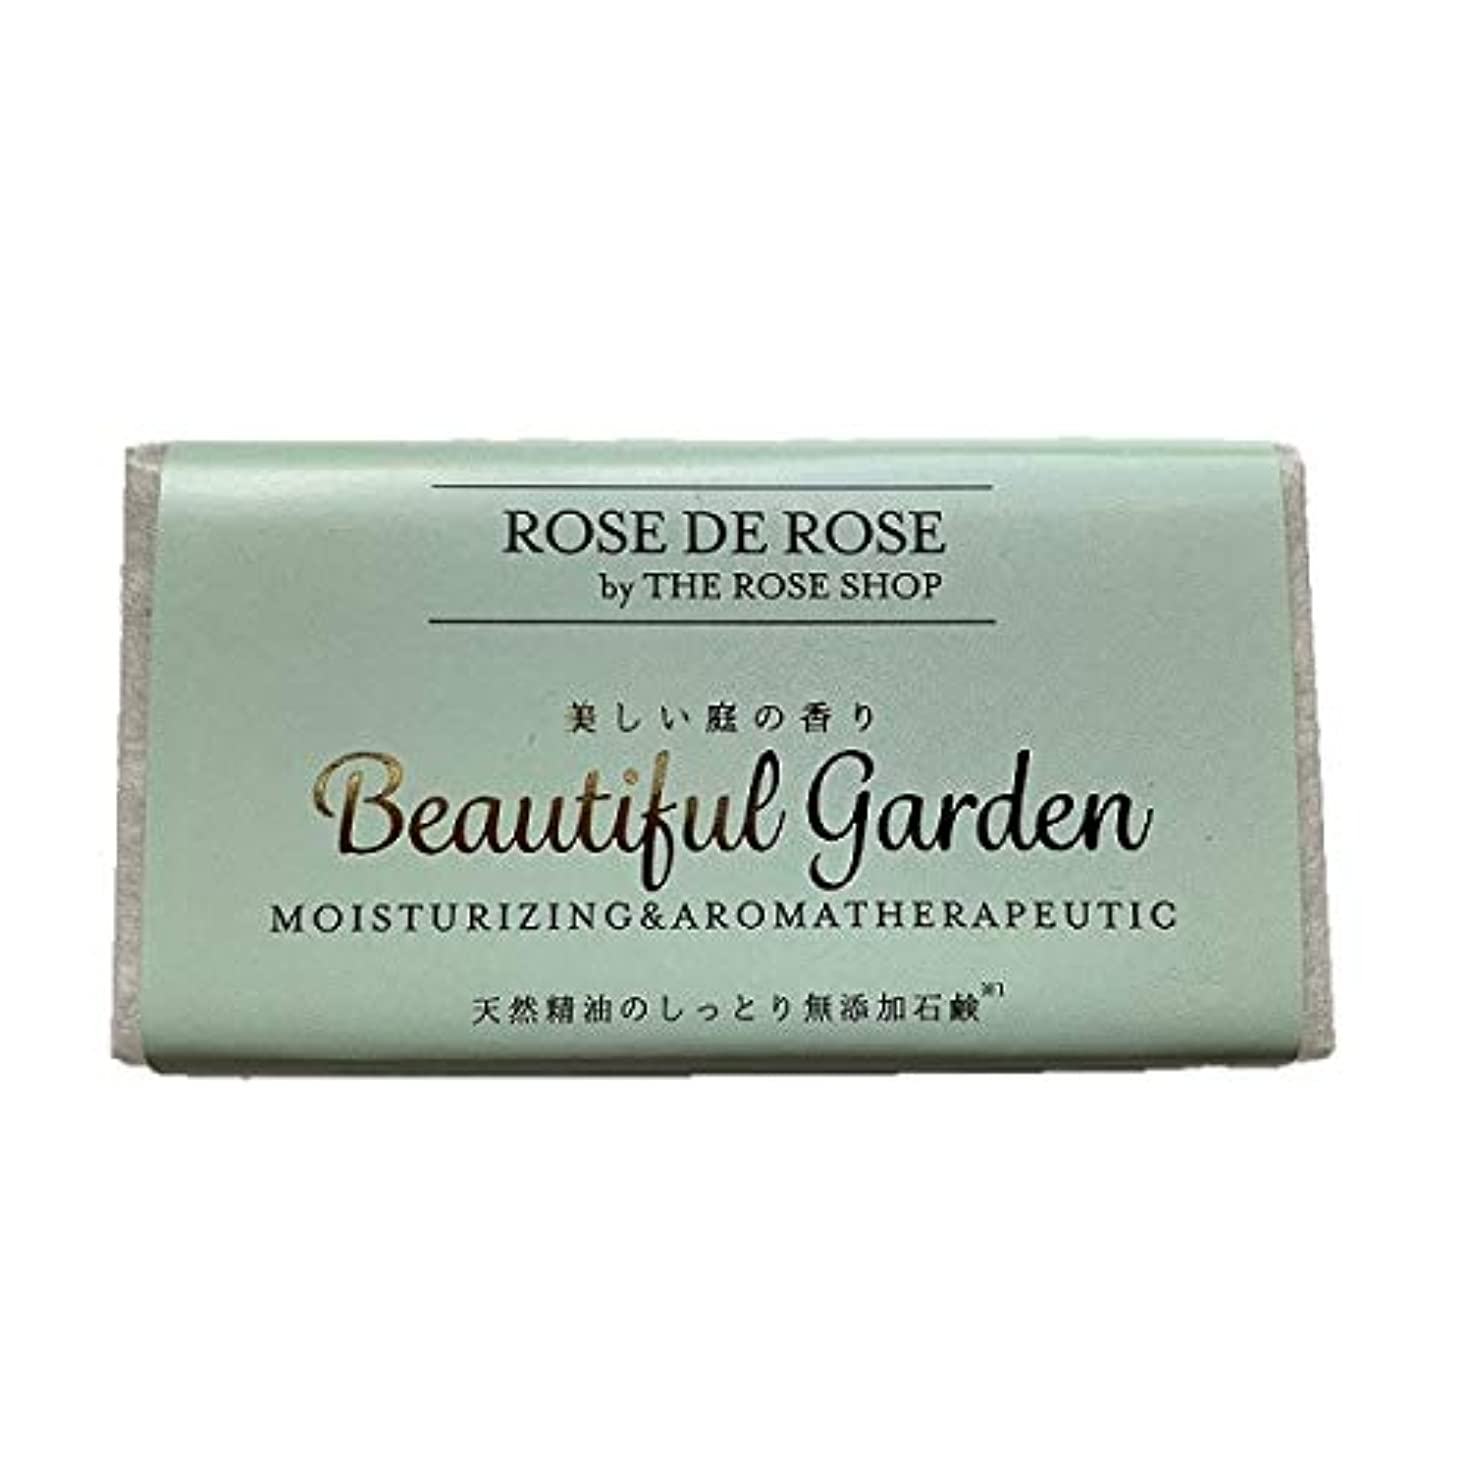 装備するビーム医薬品天然精油の無添加石鹸 「美しい庭の香り ビューティフルガーデン」2個セット